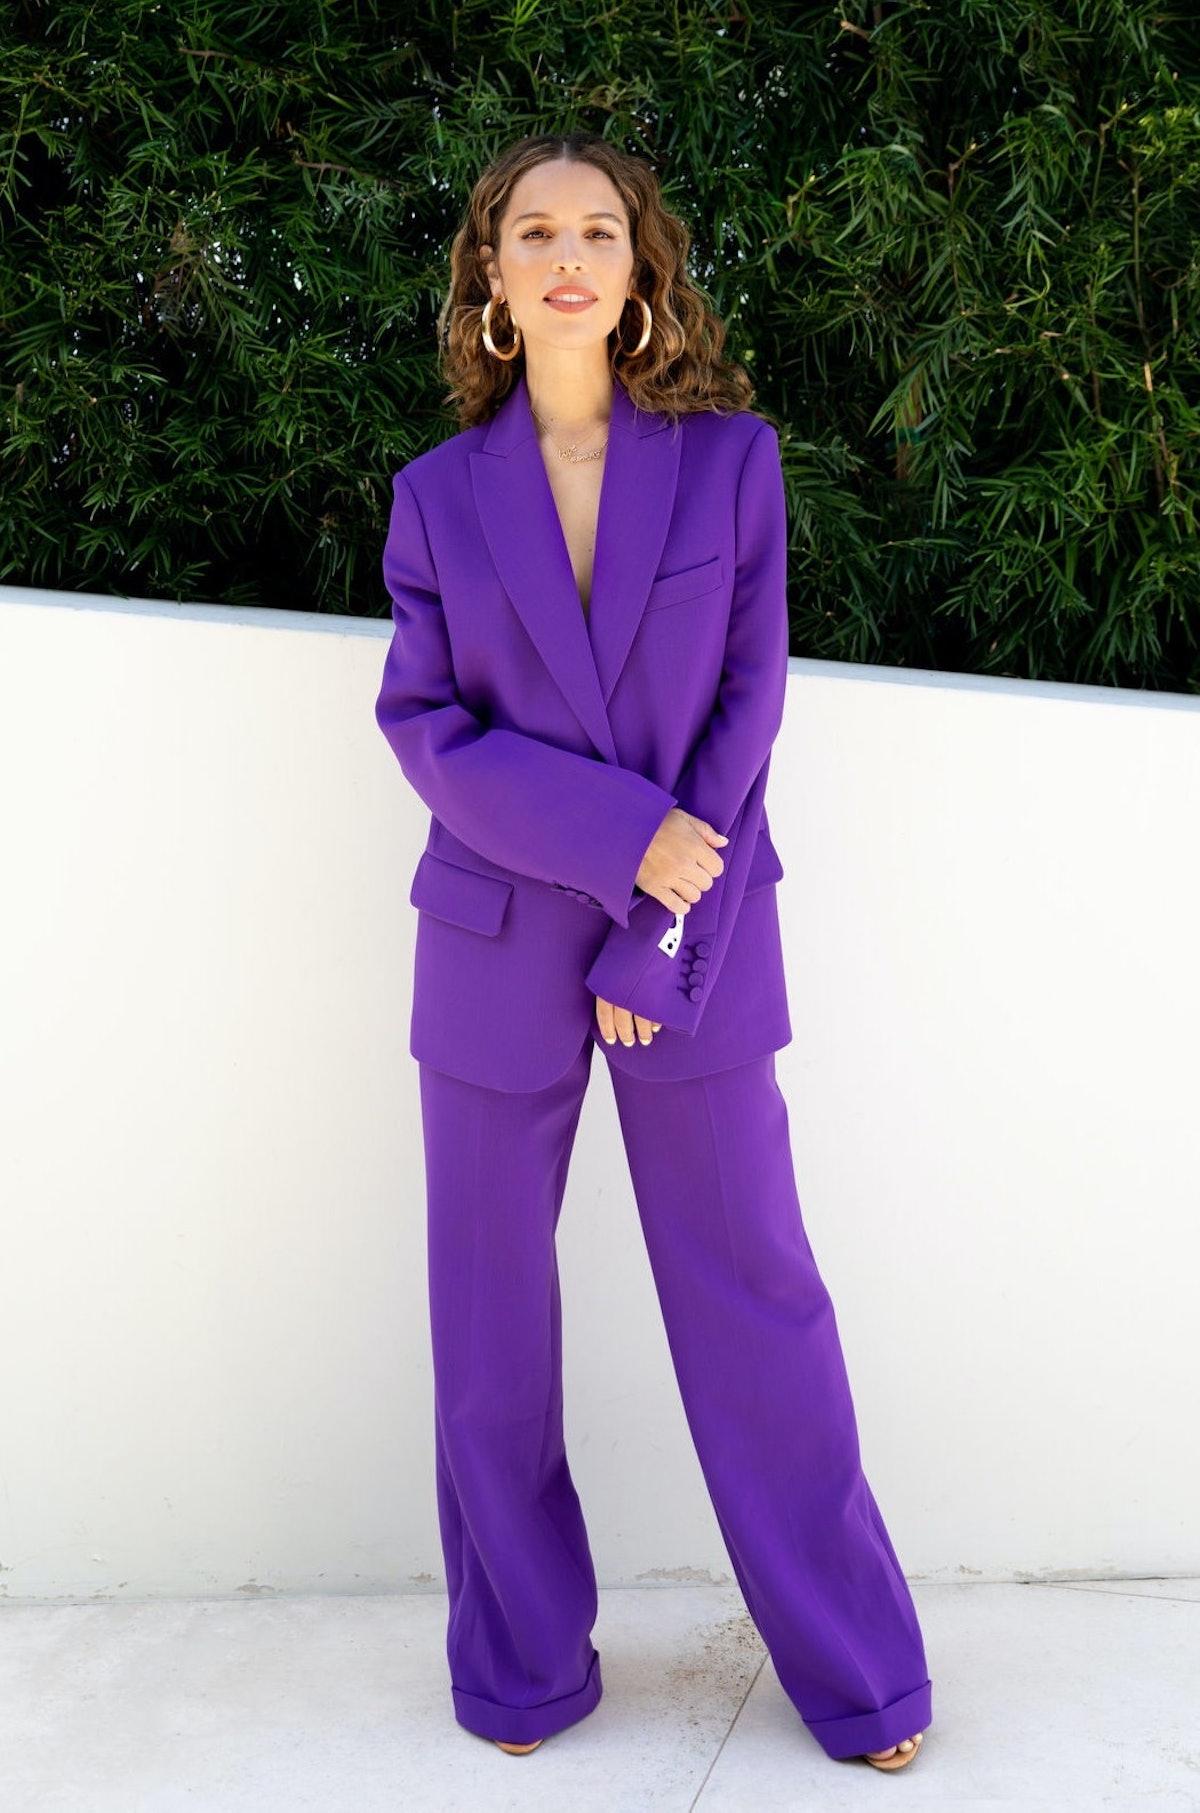 Cleo Wade in purple suit